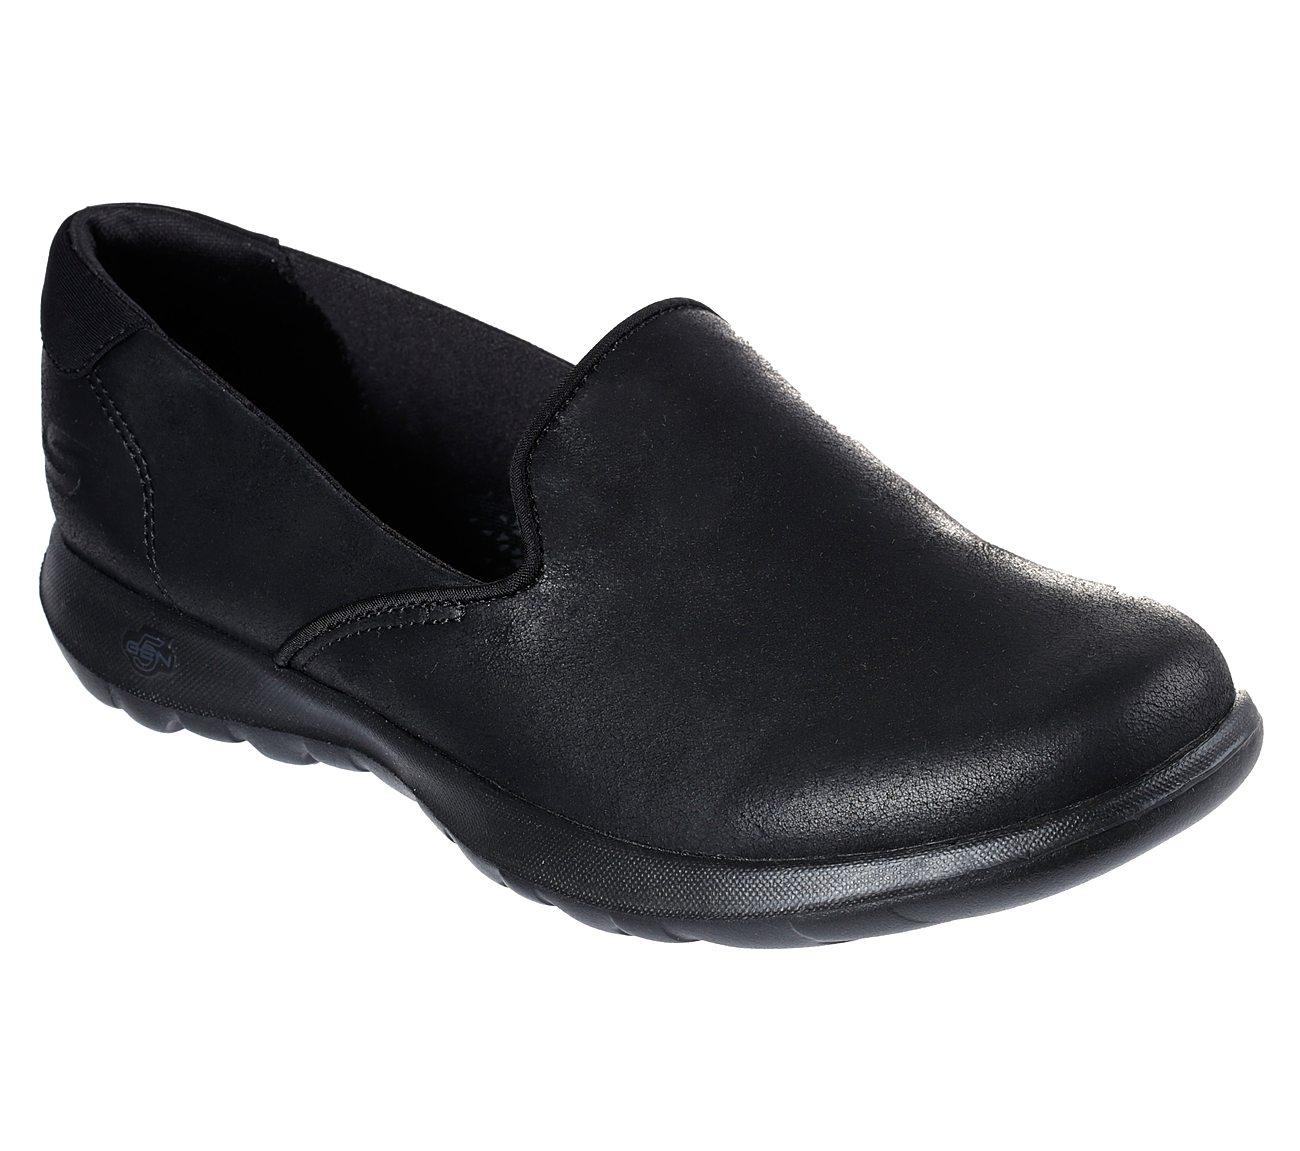 Skechers GOwalk Lite - Queenly